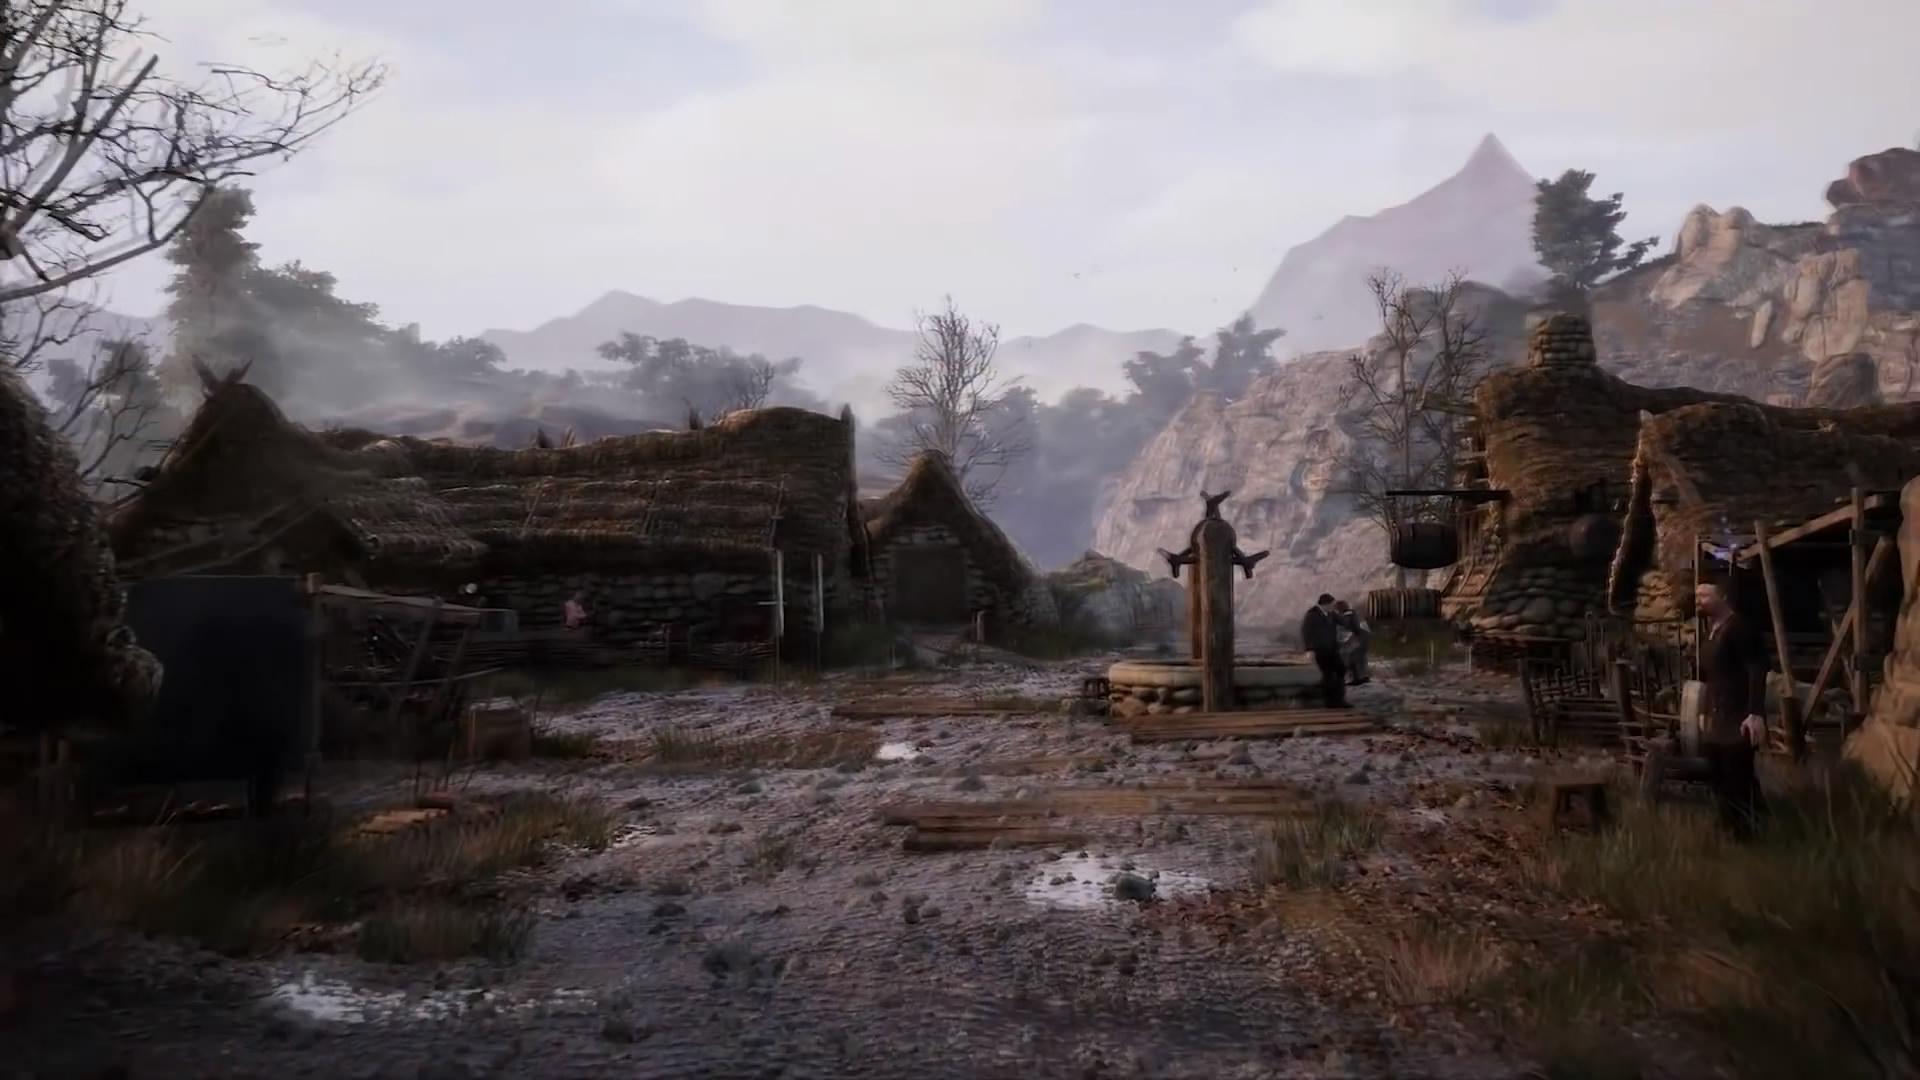 《冰城传奇4:深度挖掘》全新预告 这将是一款优秀RPG